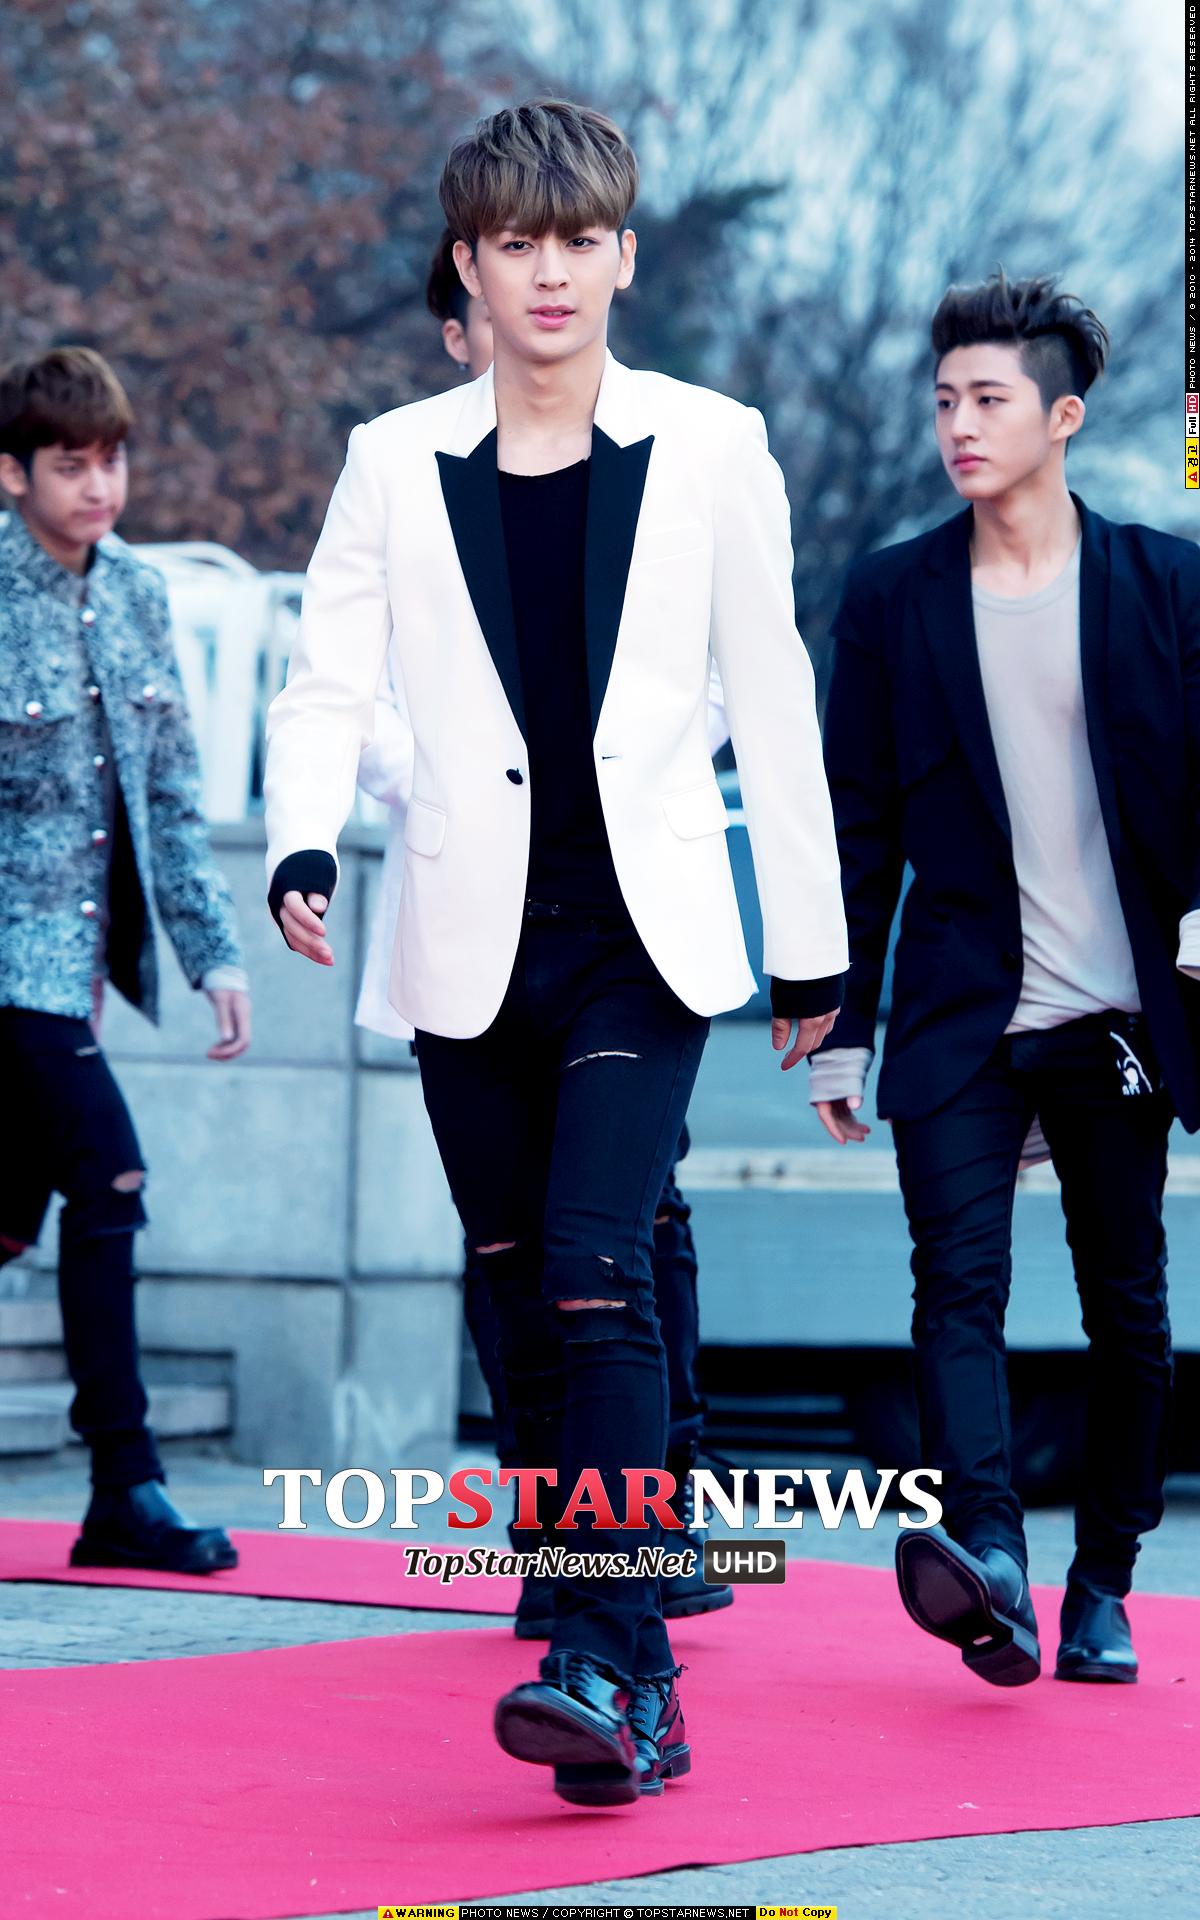 西裝真的不是上班族的專屬,韓國男生總是能把西裝穿得這麼休閒范兒~~內搭T、褲子、鞋都是搭配重點。